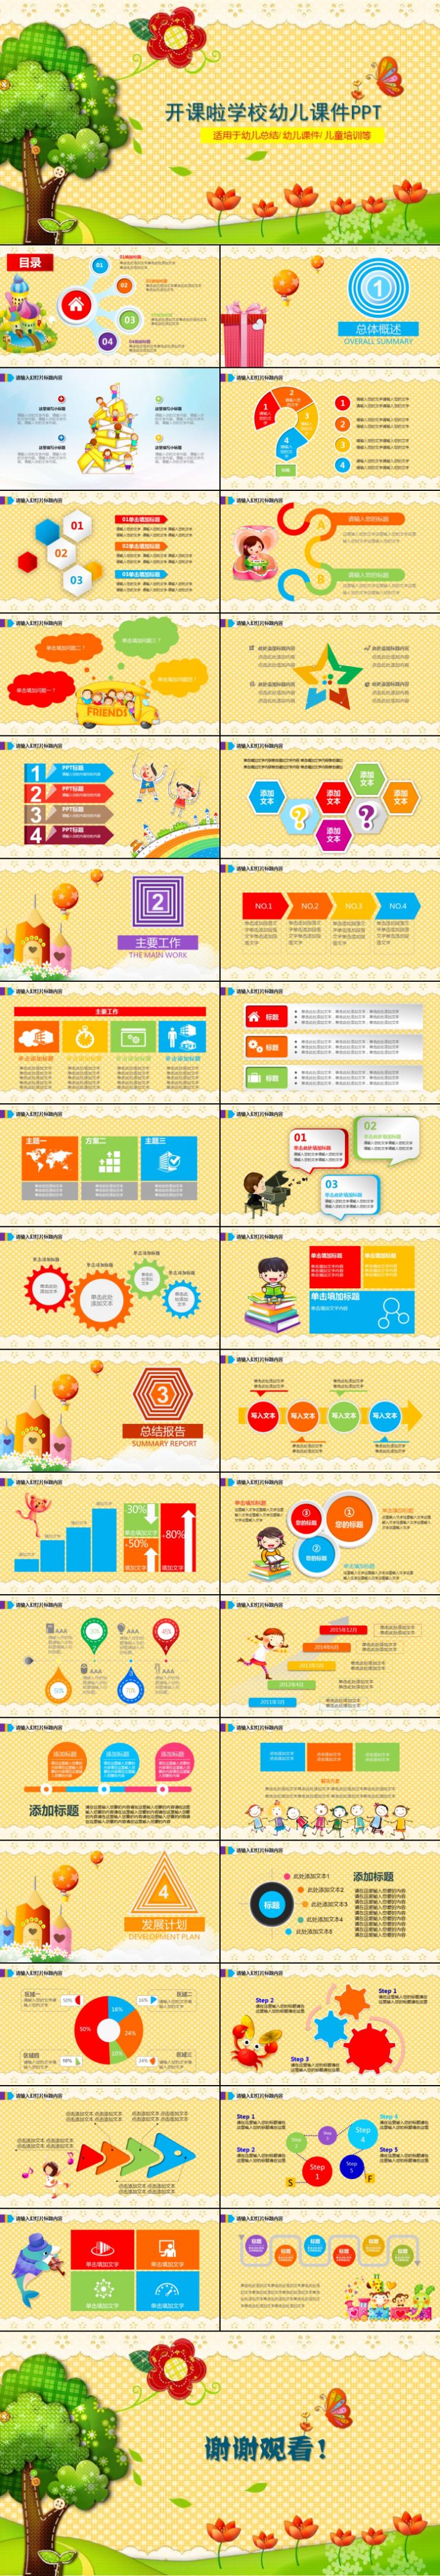 开课啦学校幼儿园学期总结儿童培训总结课件PPT